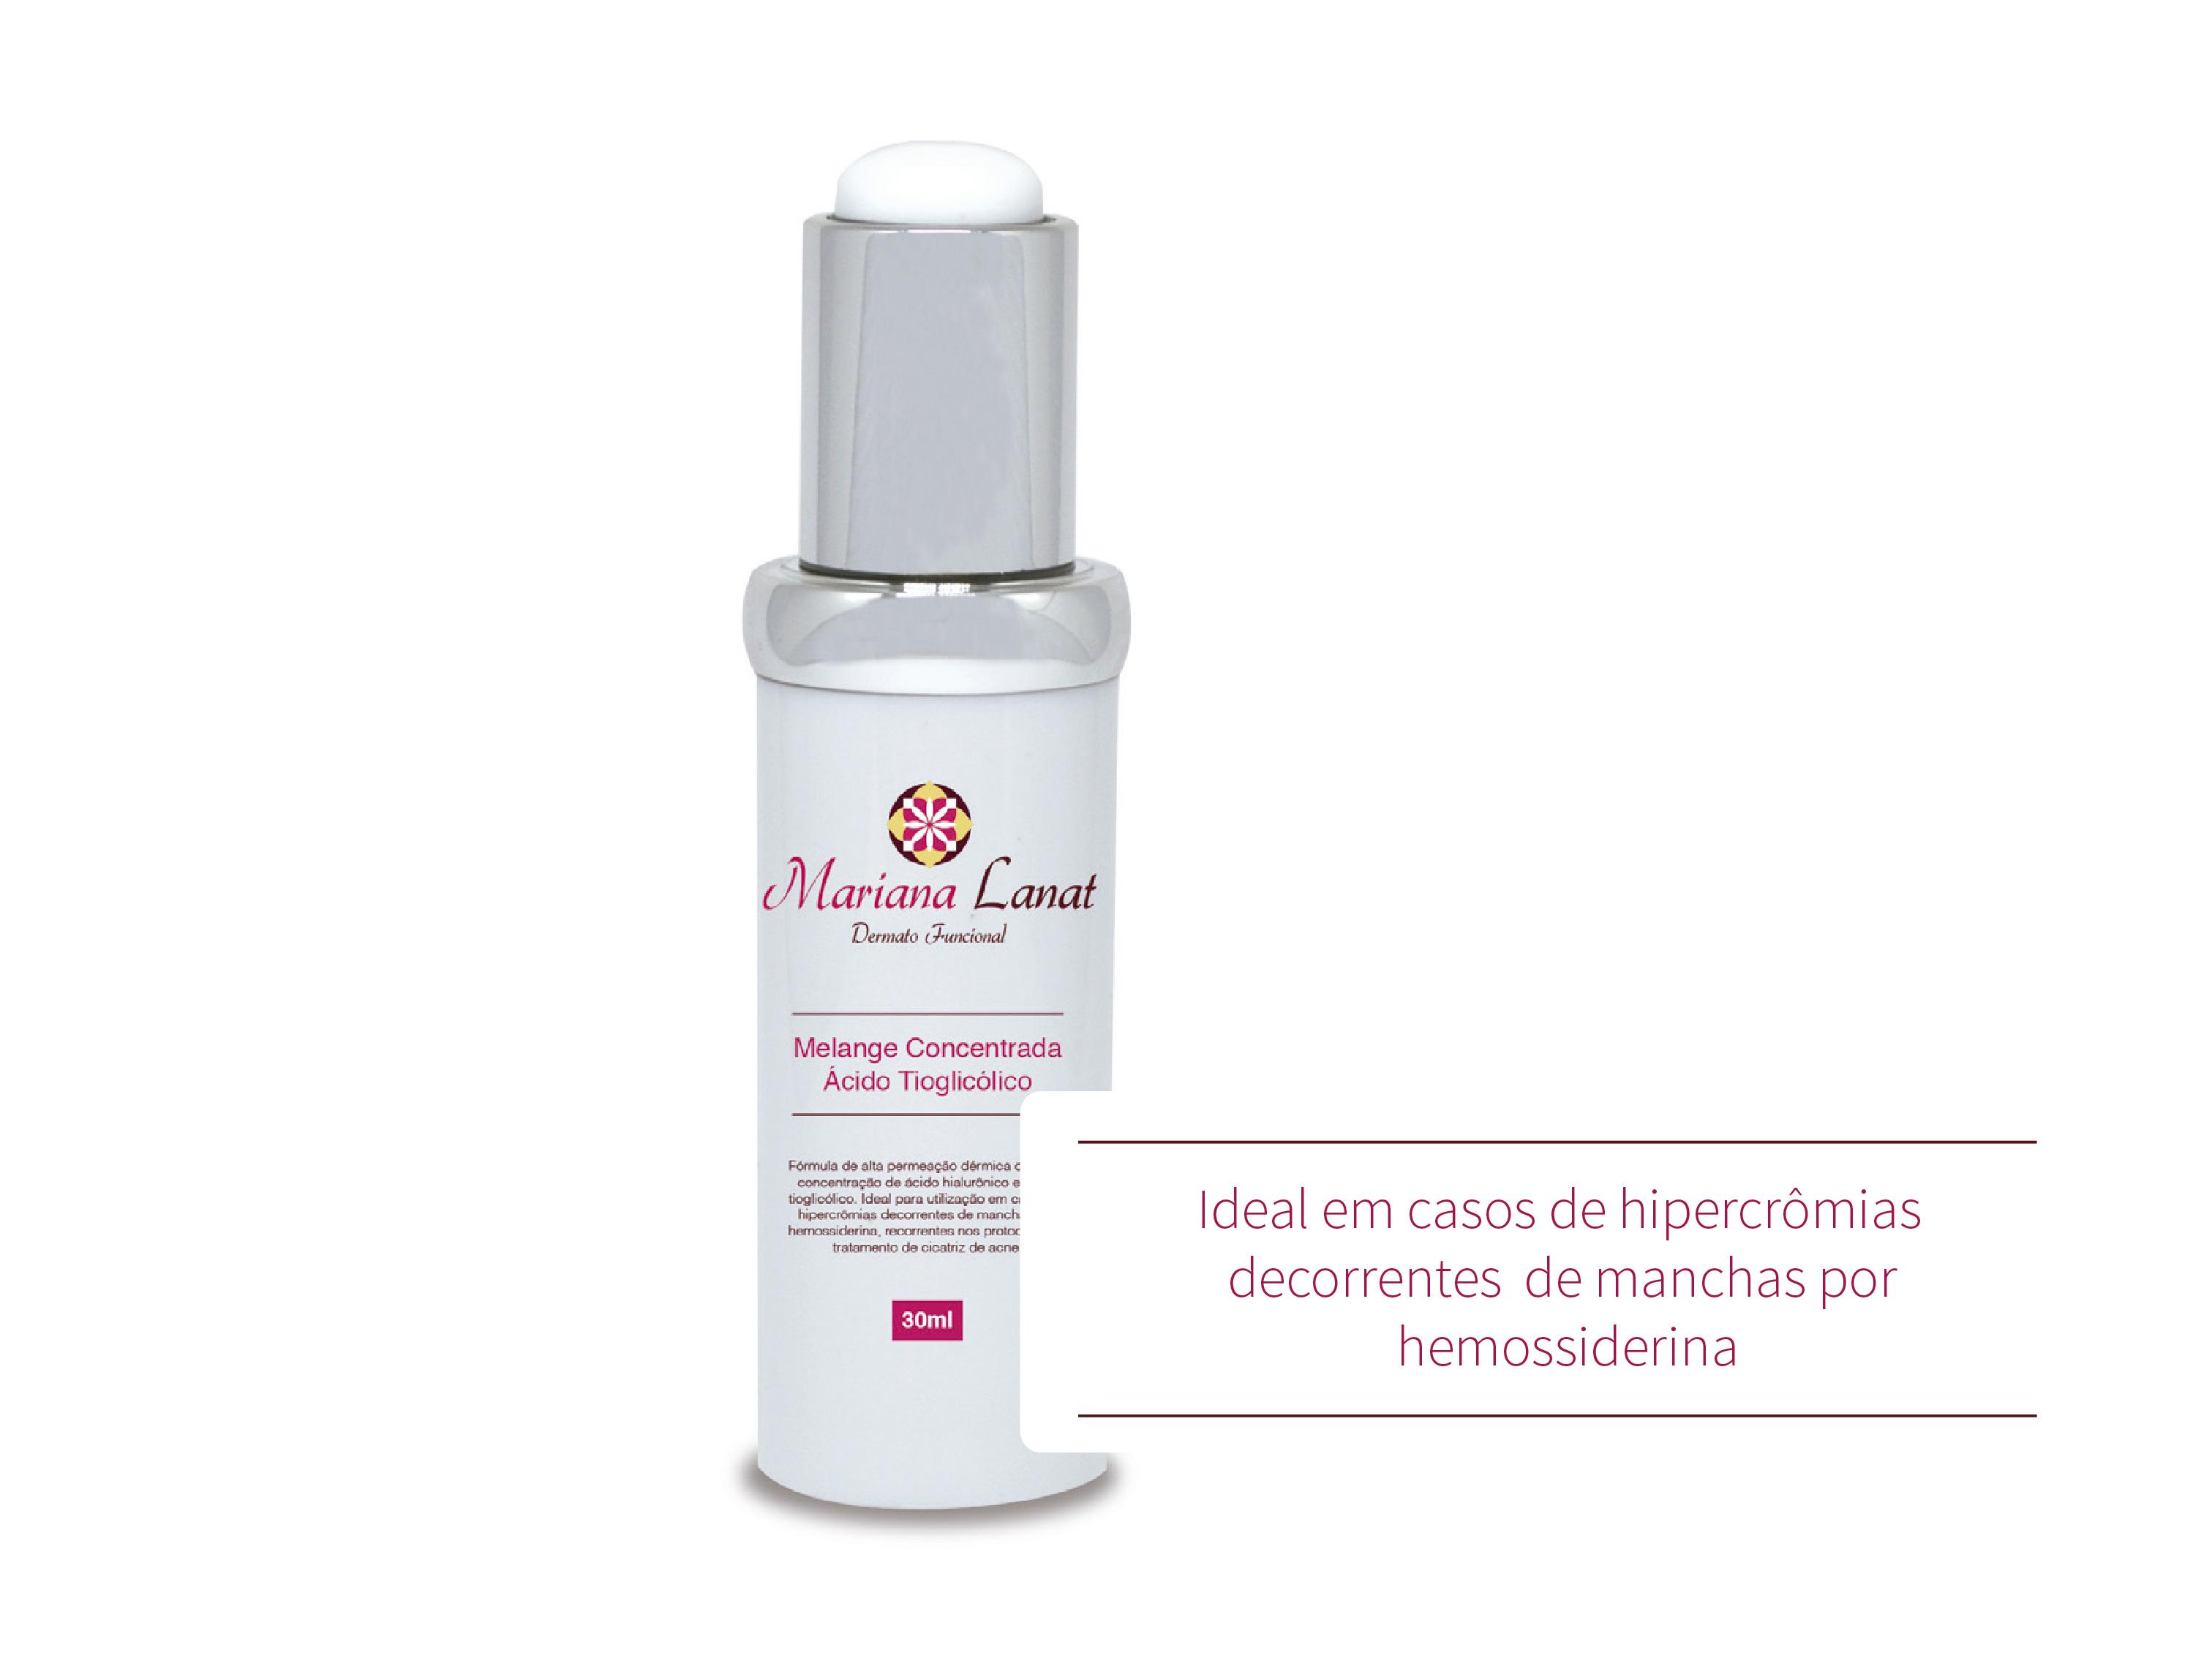 dérmica com alta concentração de ácido hialurônico e ácido tioglicólico. Ideal para utilização em casos de hipercrômias decorrentes de manchas por hemossiderina, recorrentes nos protocolos de tratamento de cicatriz de acne.